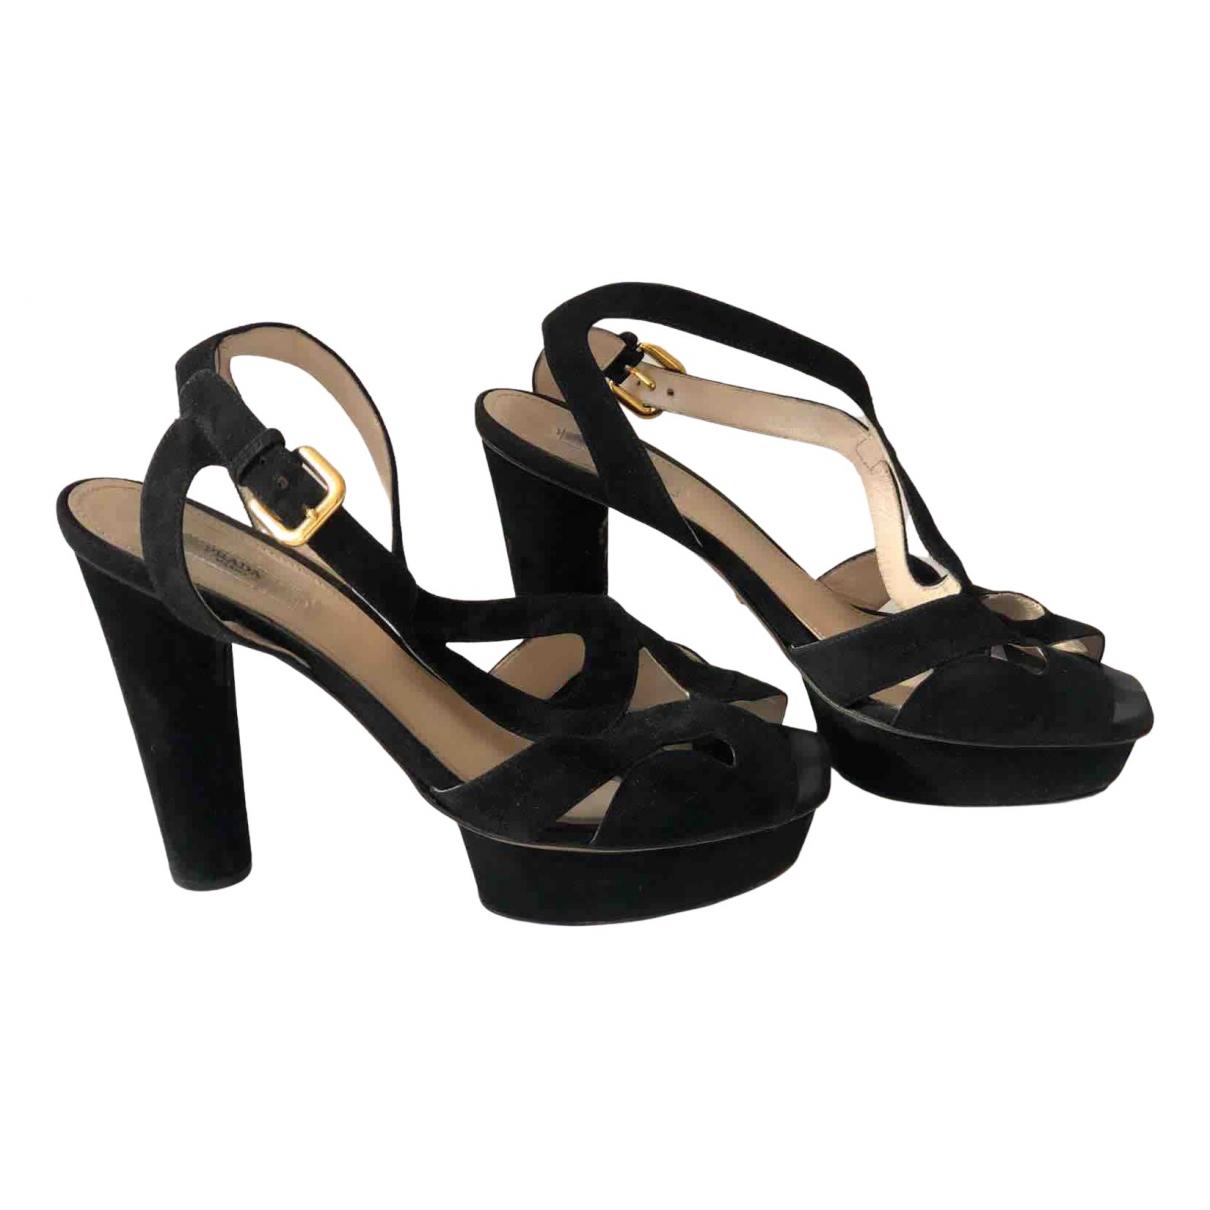 Prada N Black Suede Heels for Women 40 EU